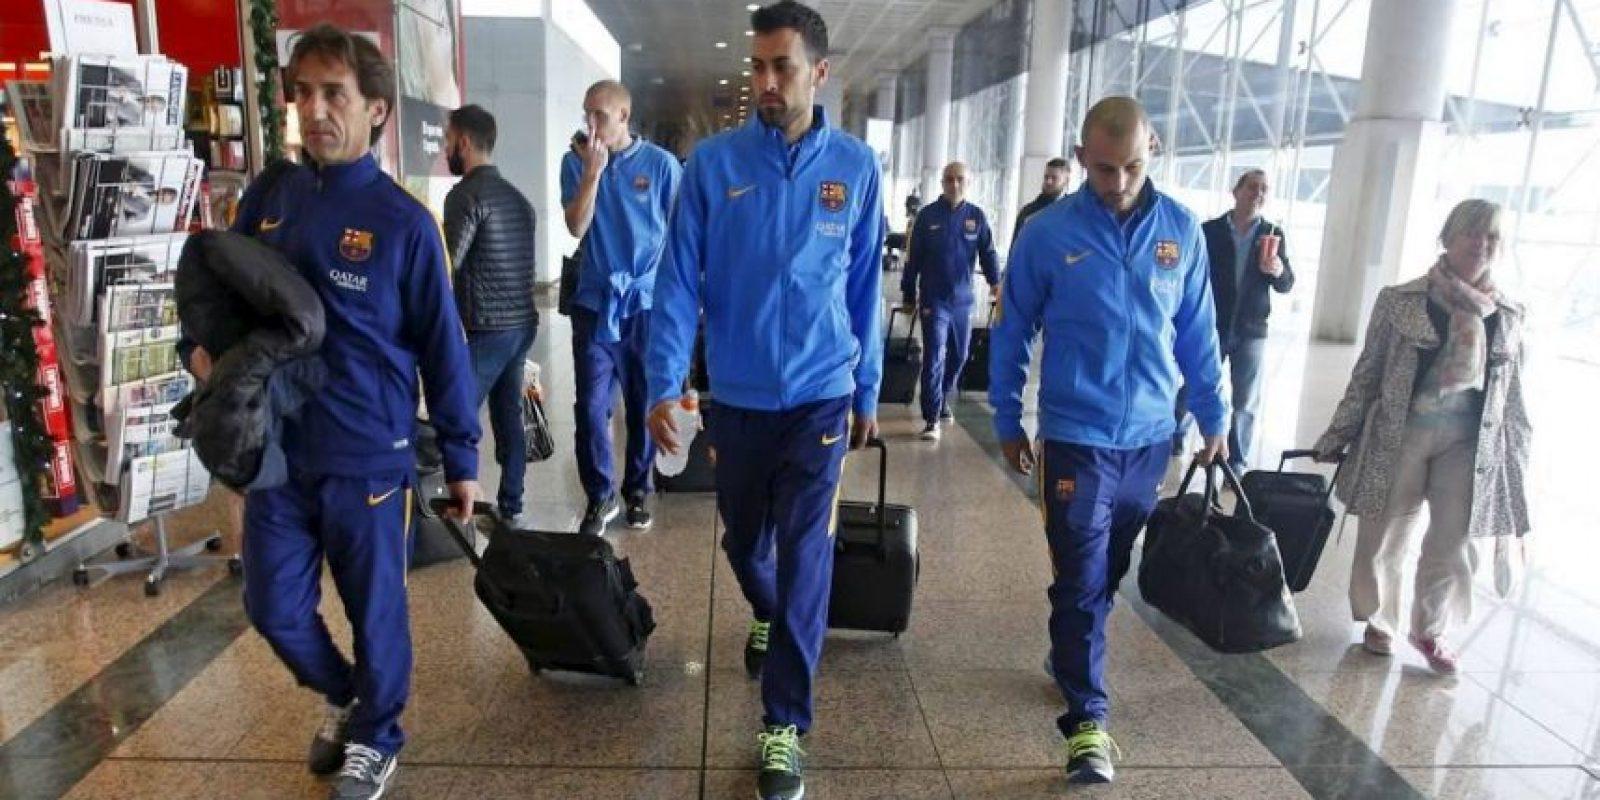 Los catalanes son el representante de la UEFA (Europa), en este torneo. Foto:FC Barcelona